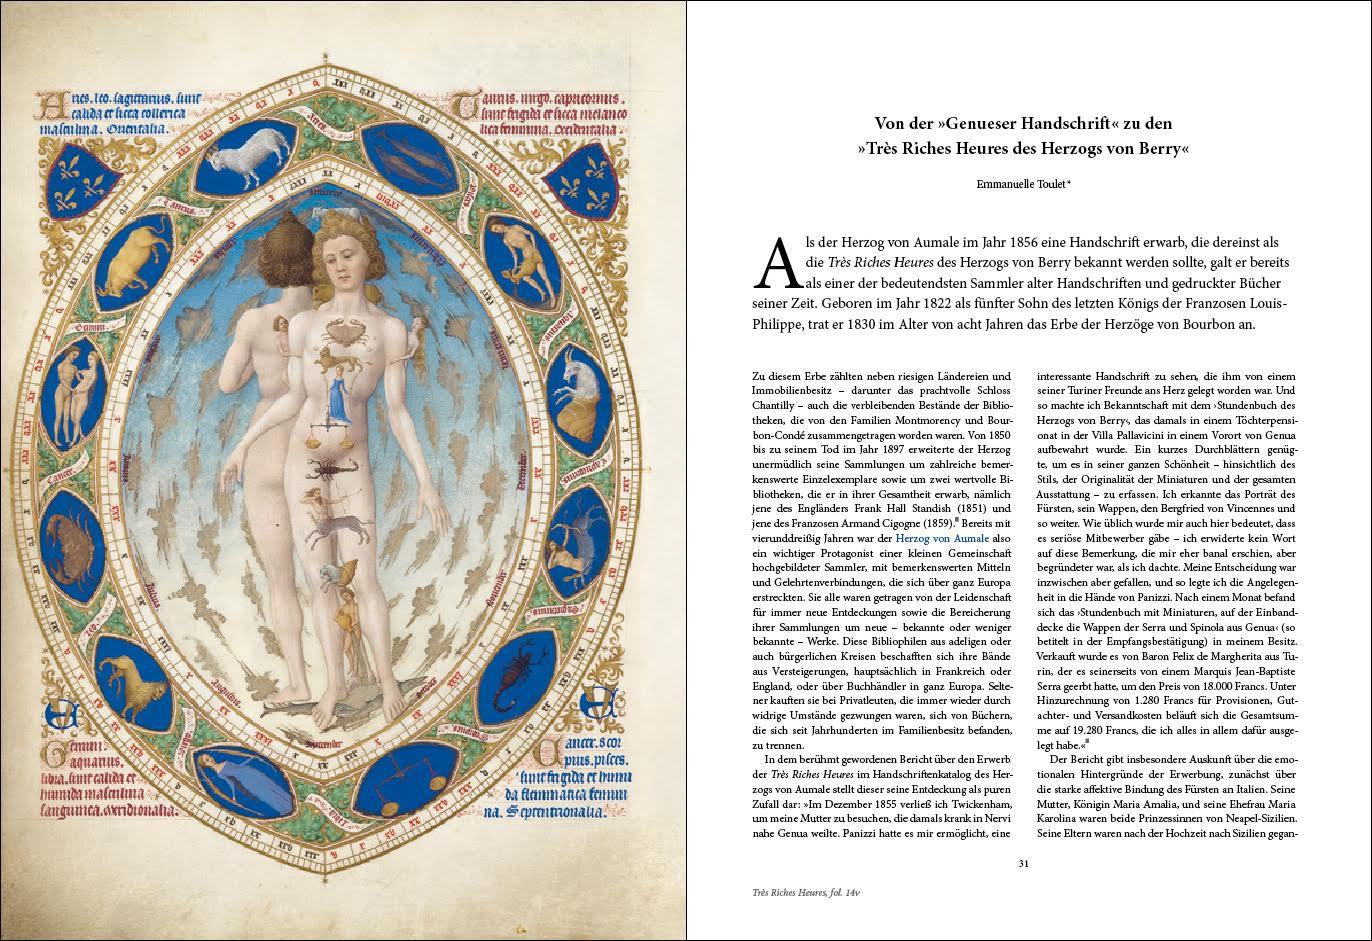 Kunstbuch-Edition der Très Riches Heures, p. 30-31